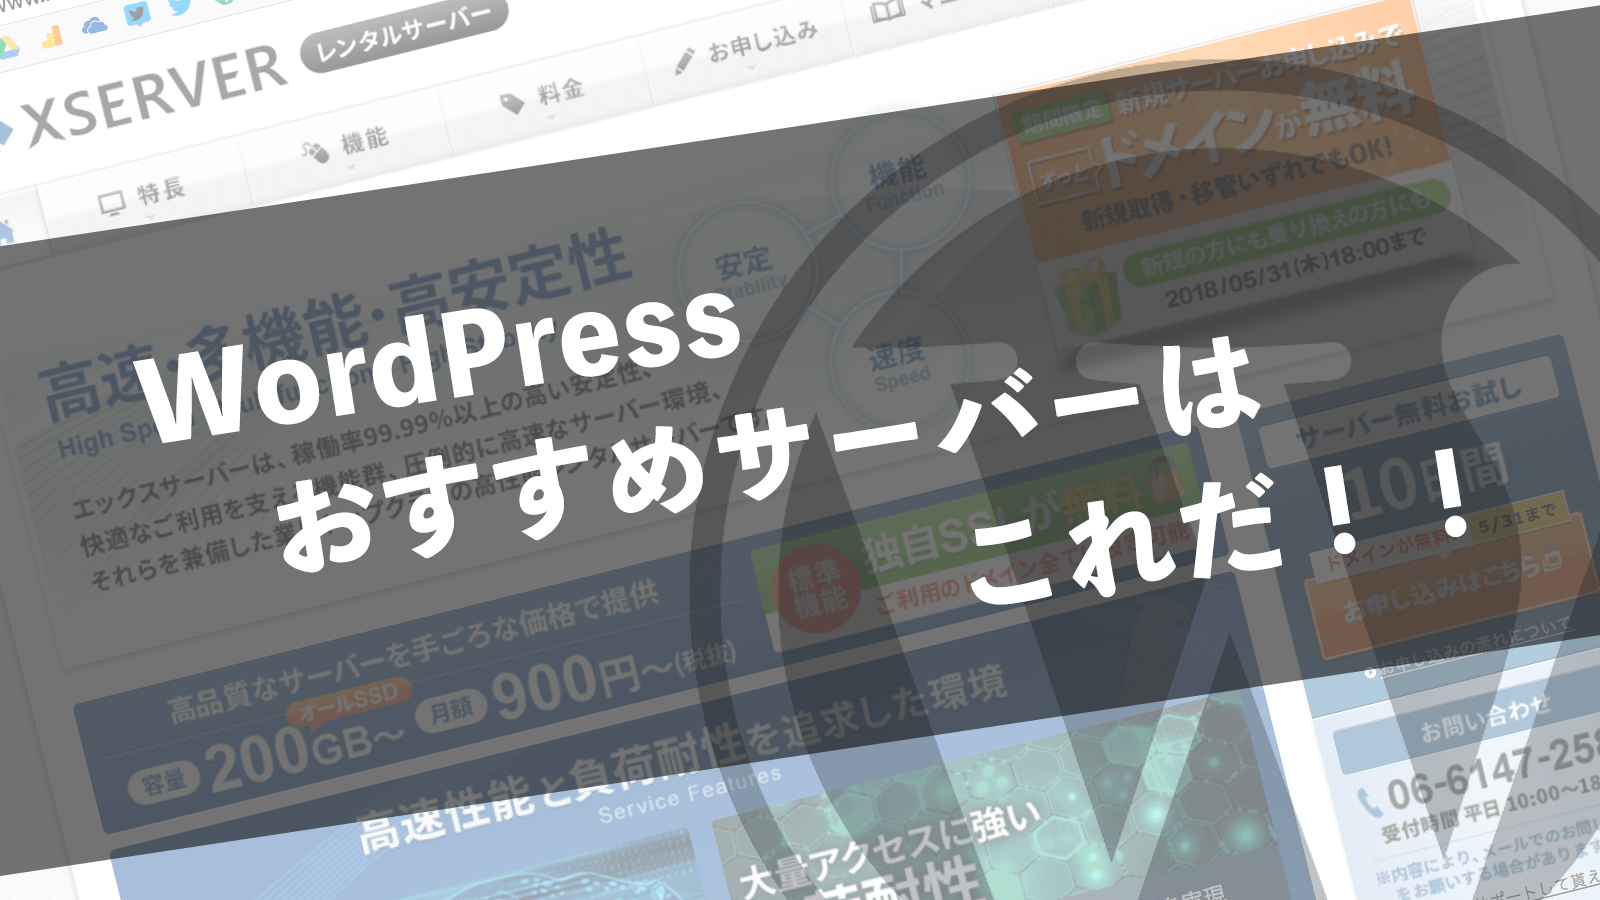 サーバー比較で迷わない!WordPressブログにおすすめのレンタルサーバーはコレだ!